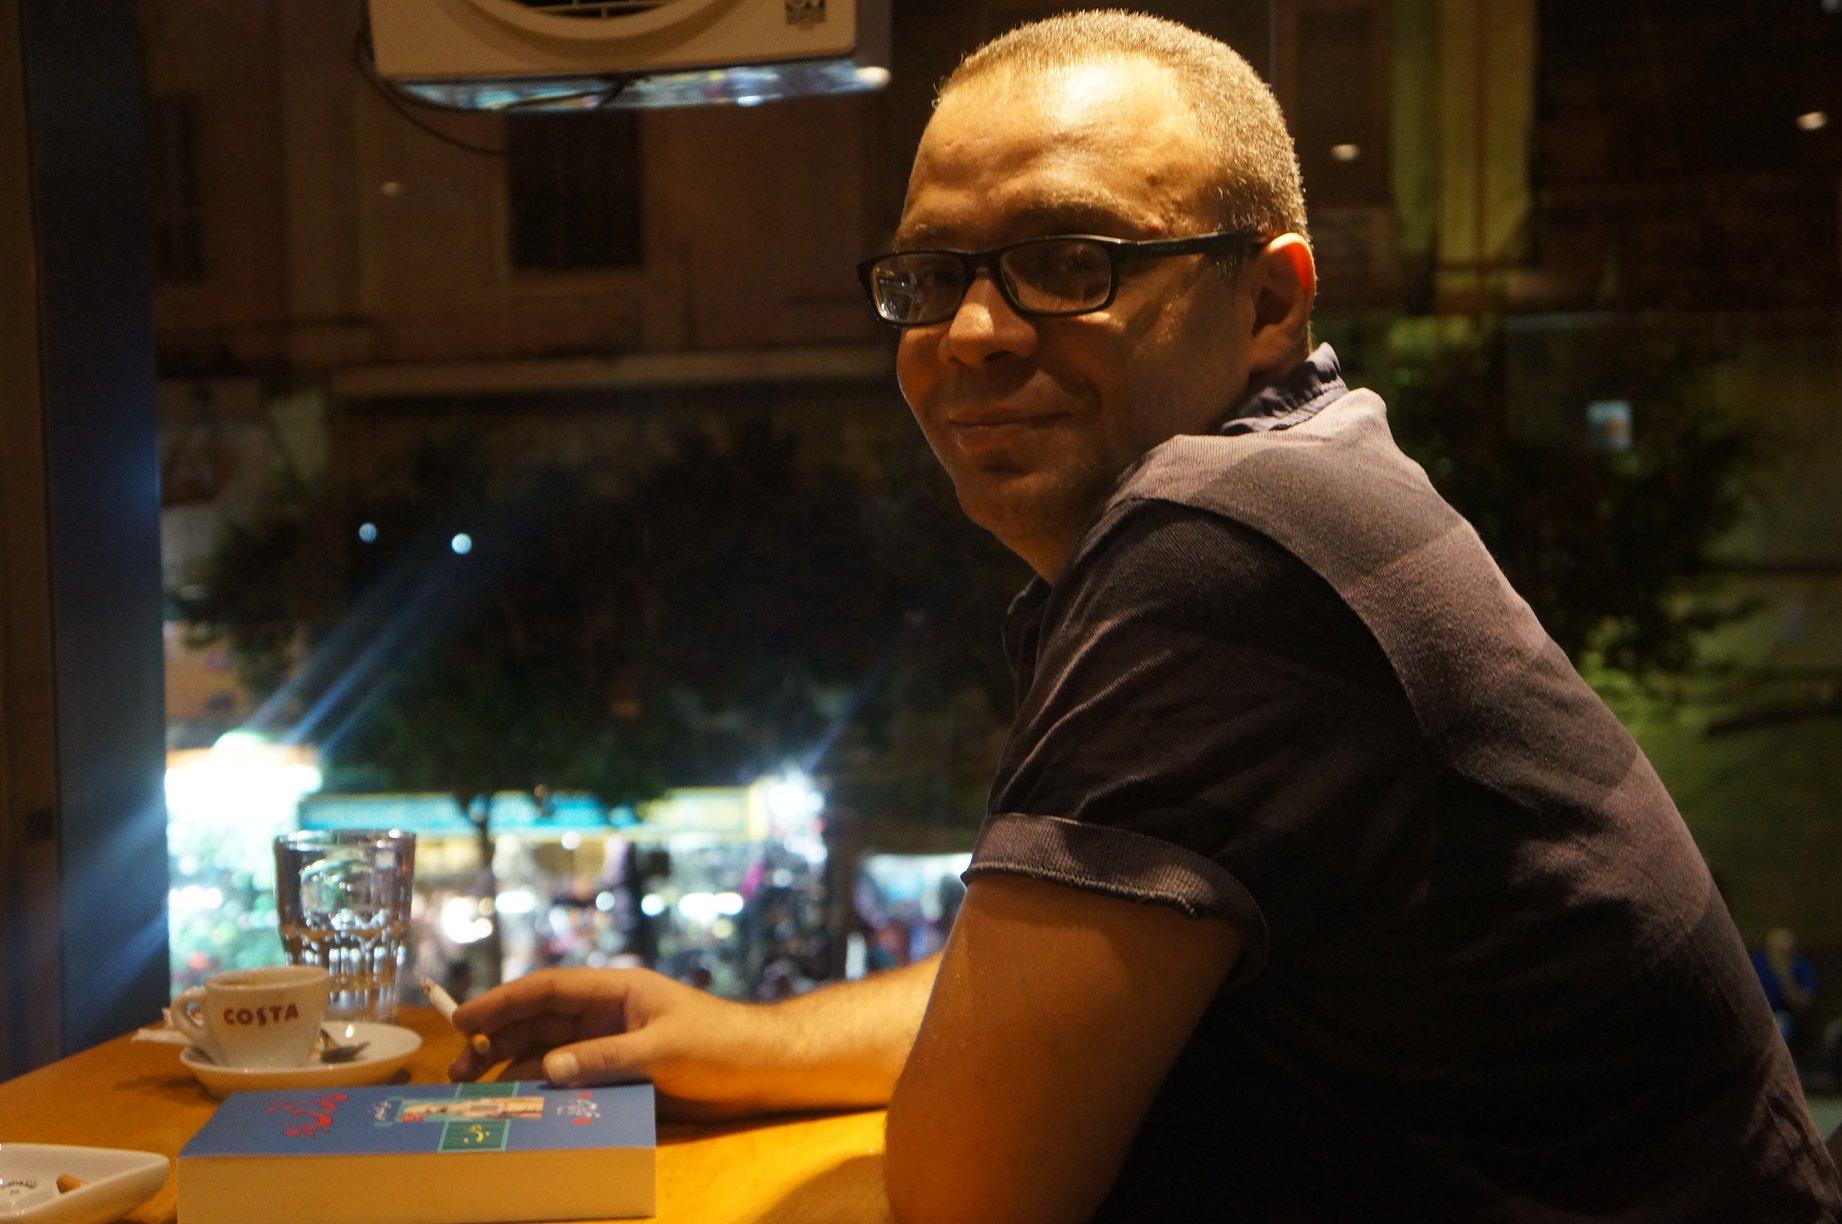 أحمد الفخراني: إن فرحي الوحيد والأصيل يأتي بالكتابة